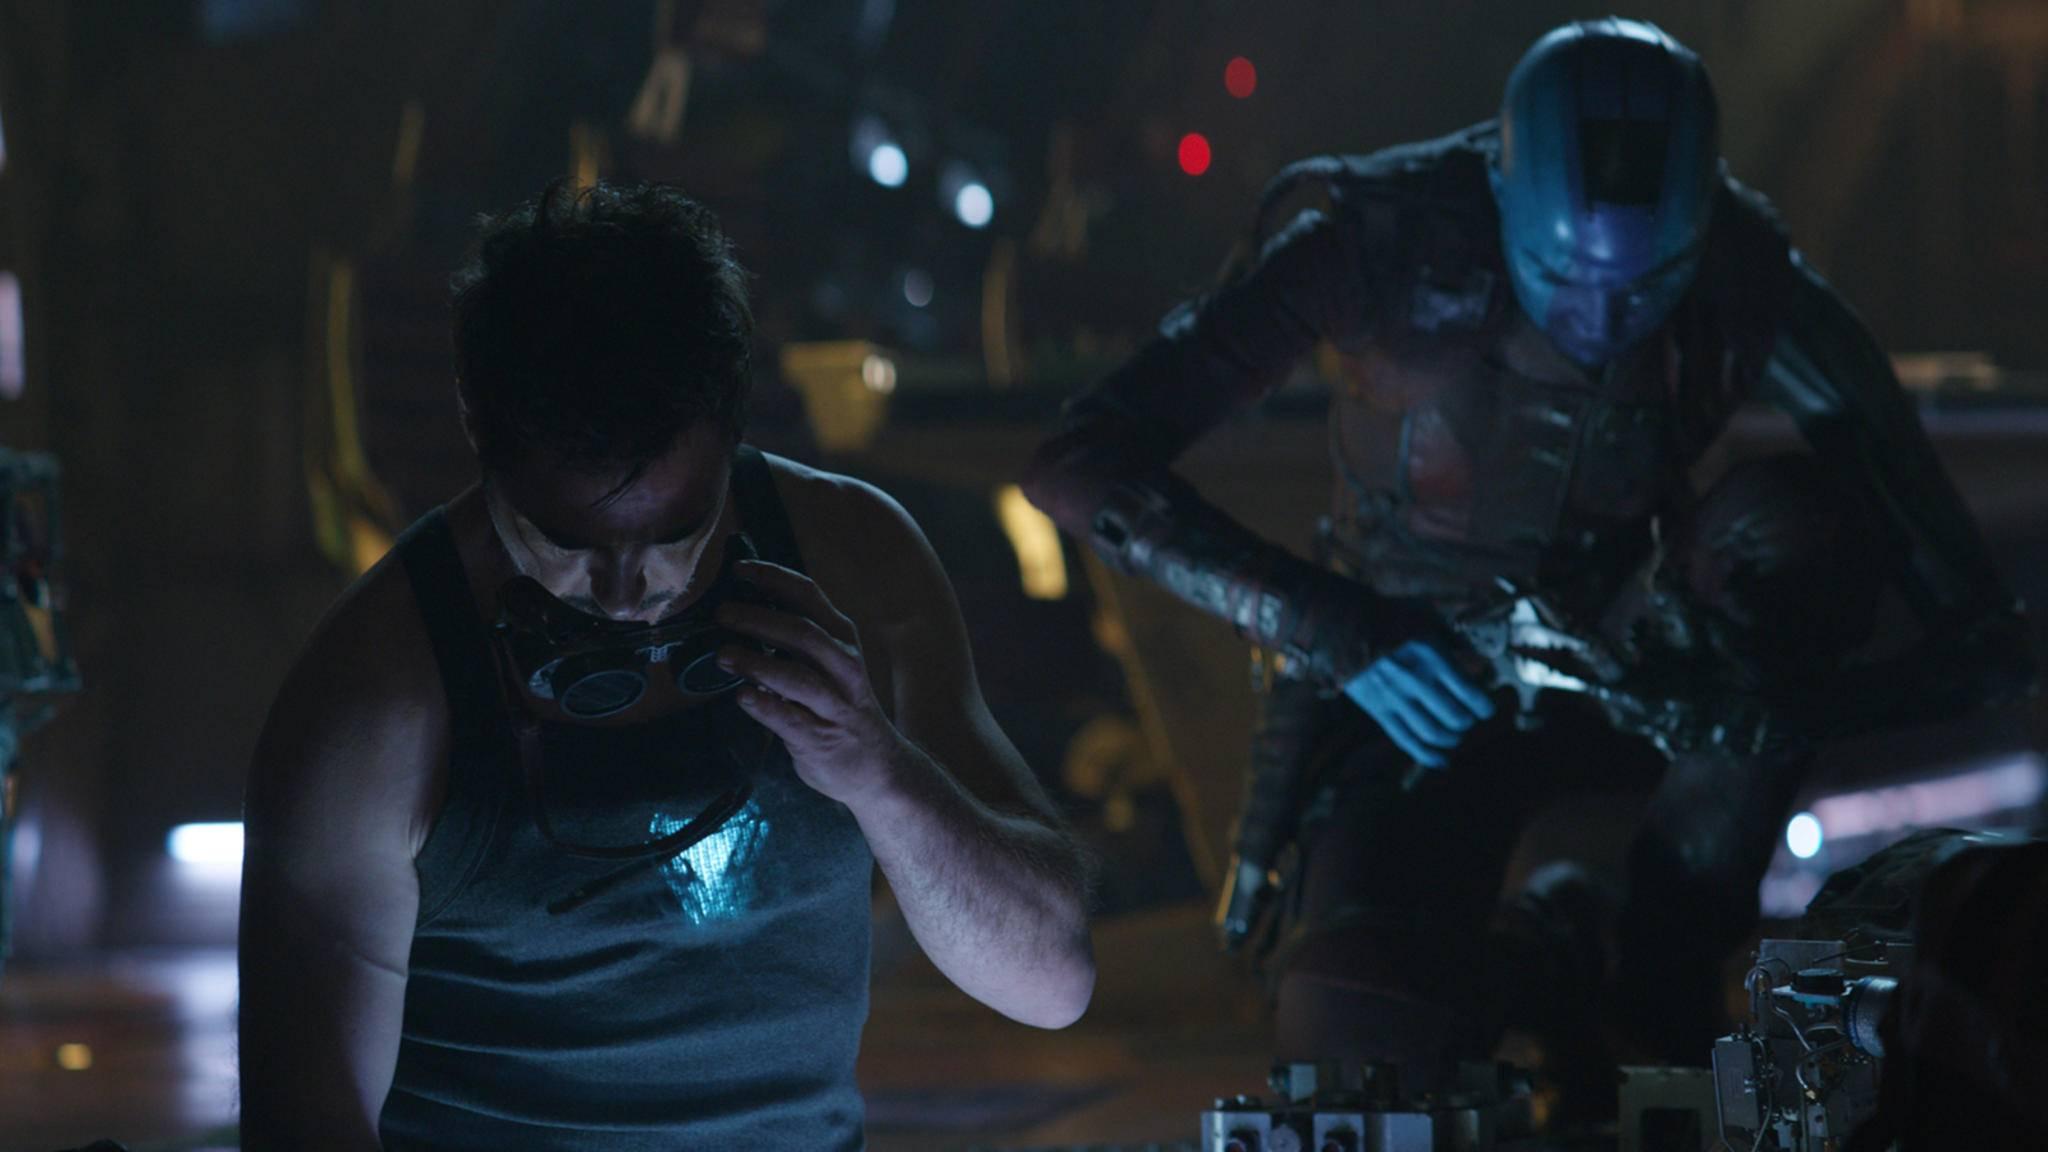 Tony und Nebula hätten die Ticket-Portale bestimmt in Sekunden reparieren können ...